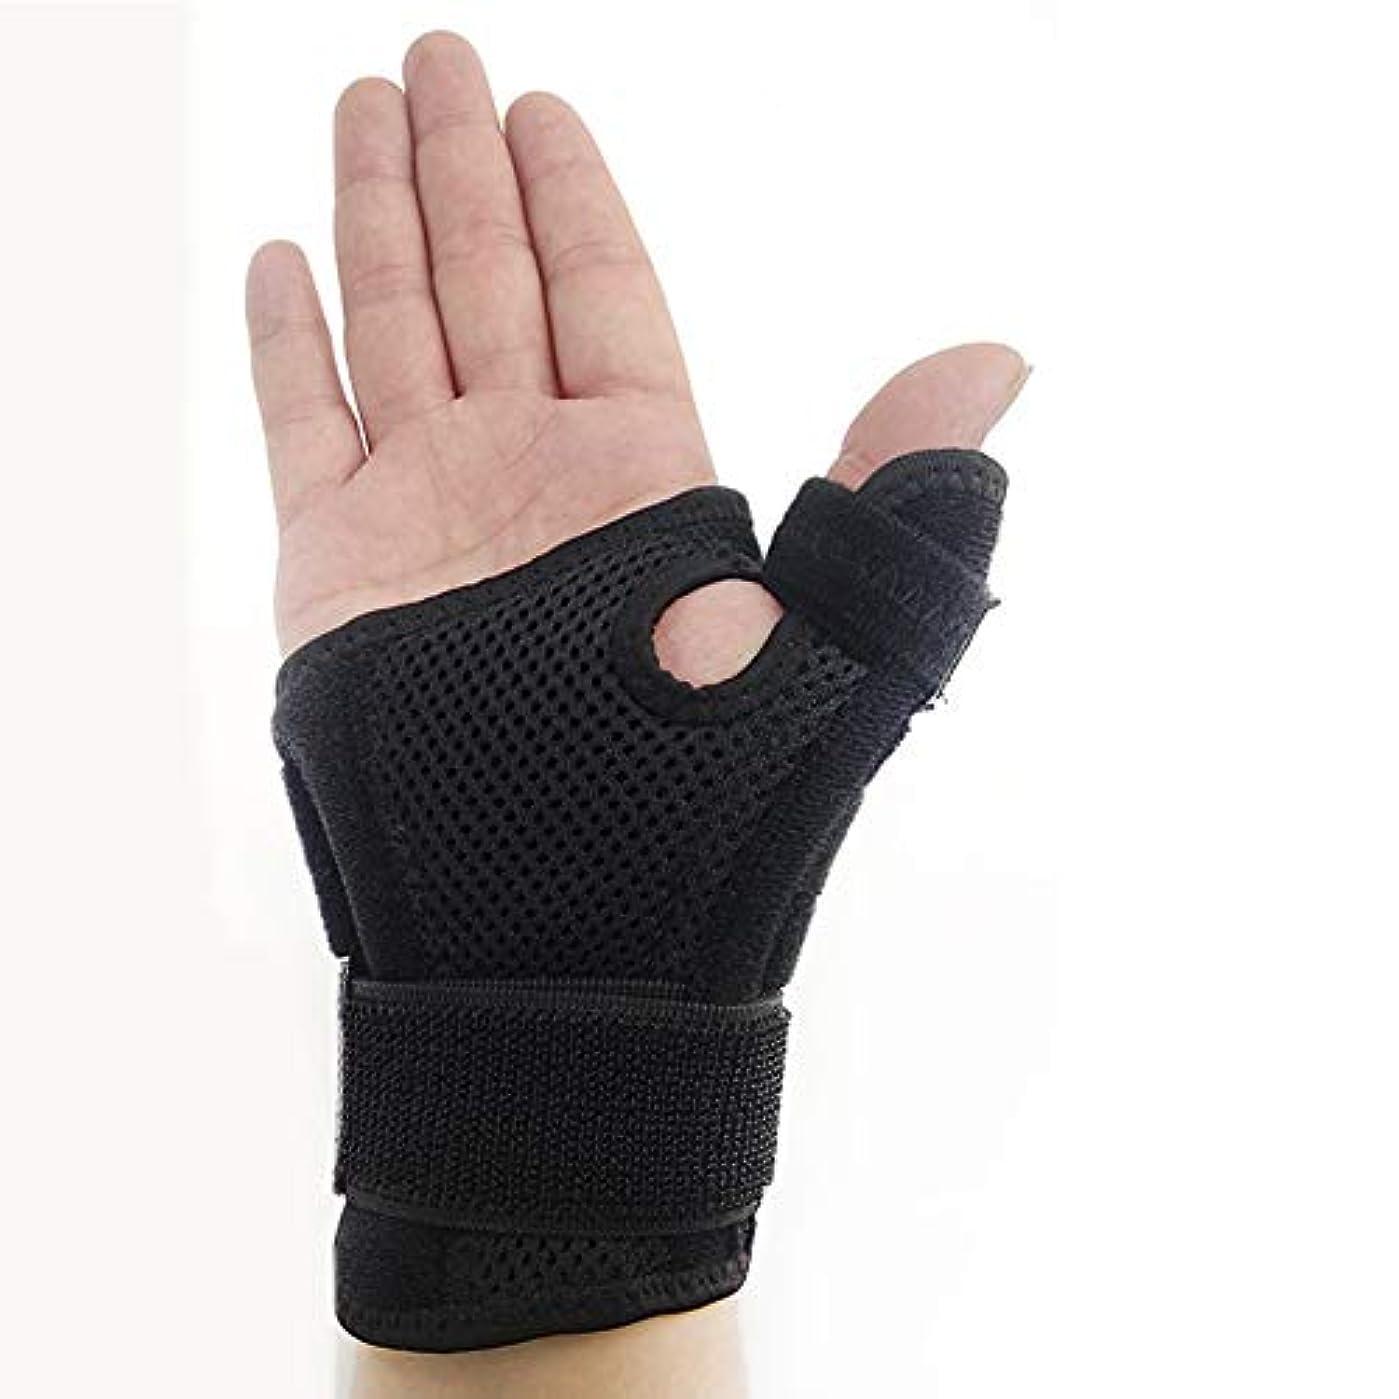 気をつけてポケットうぬぼれ右と左の手黒のヘルスケアのための親指の保護ブレースサポートスプリントの親指の共同捻挫ガード